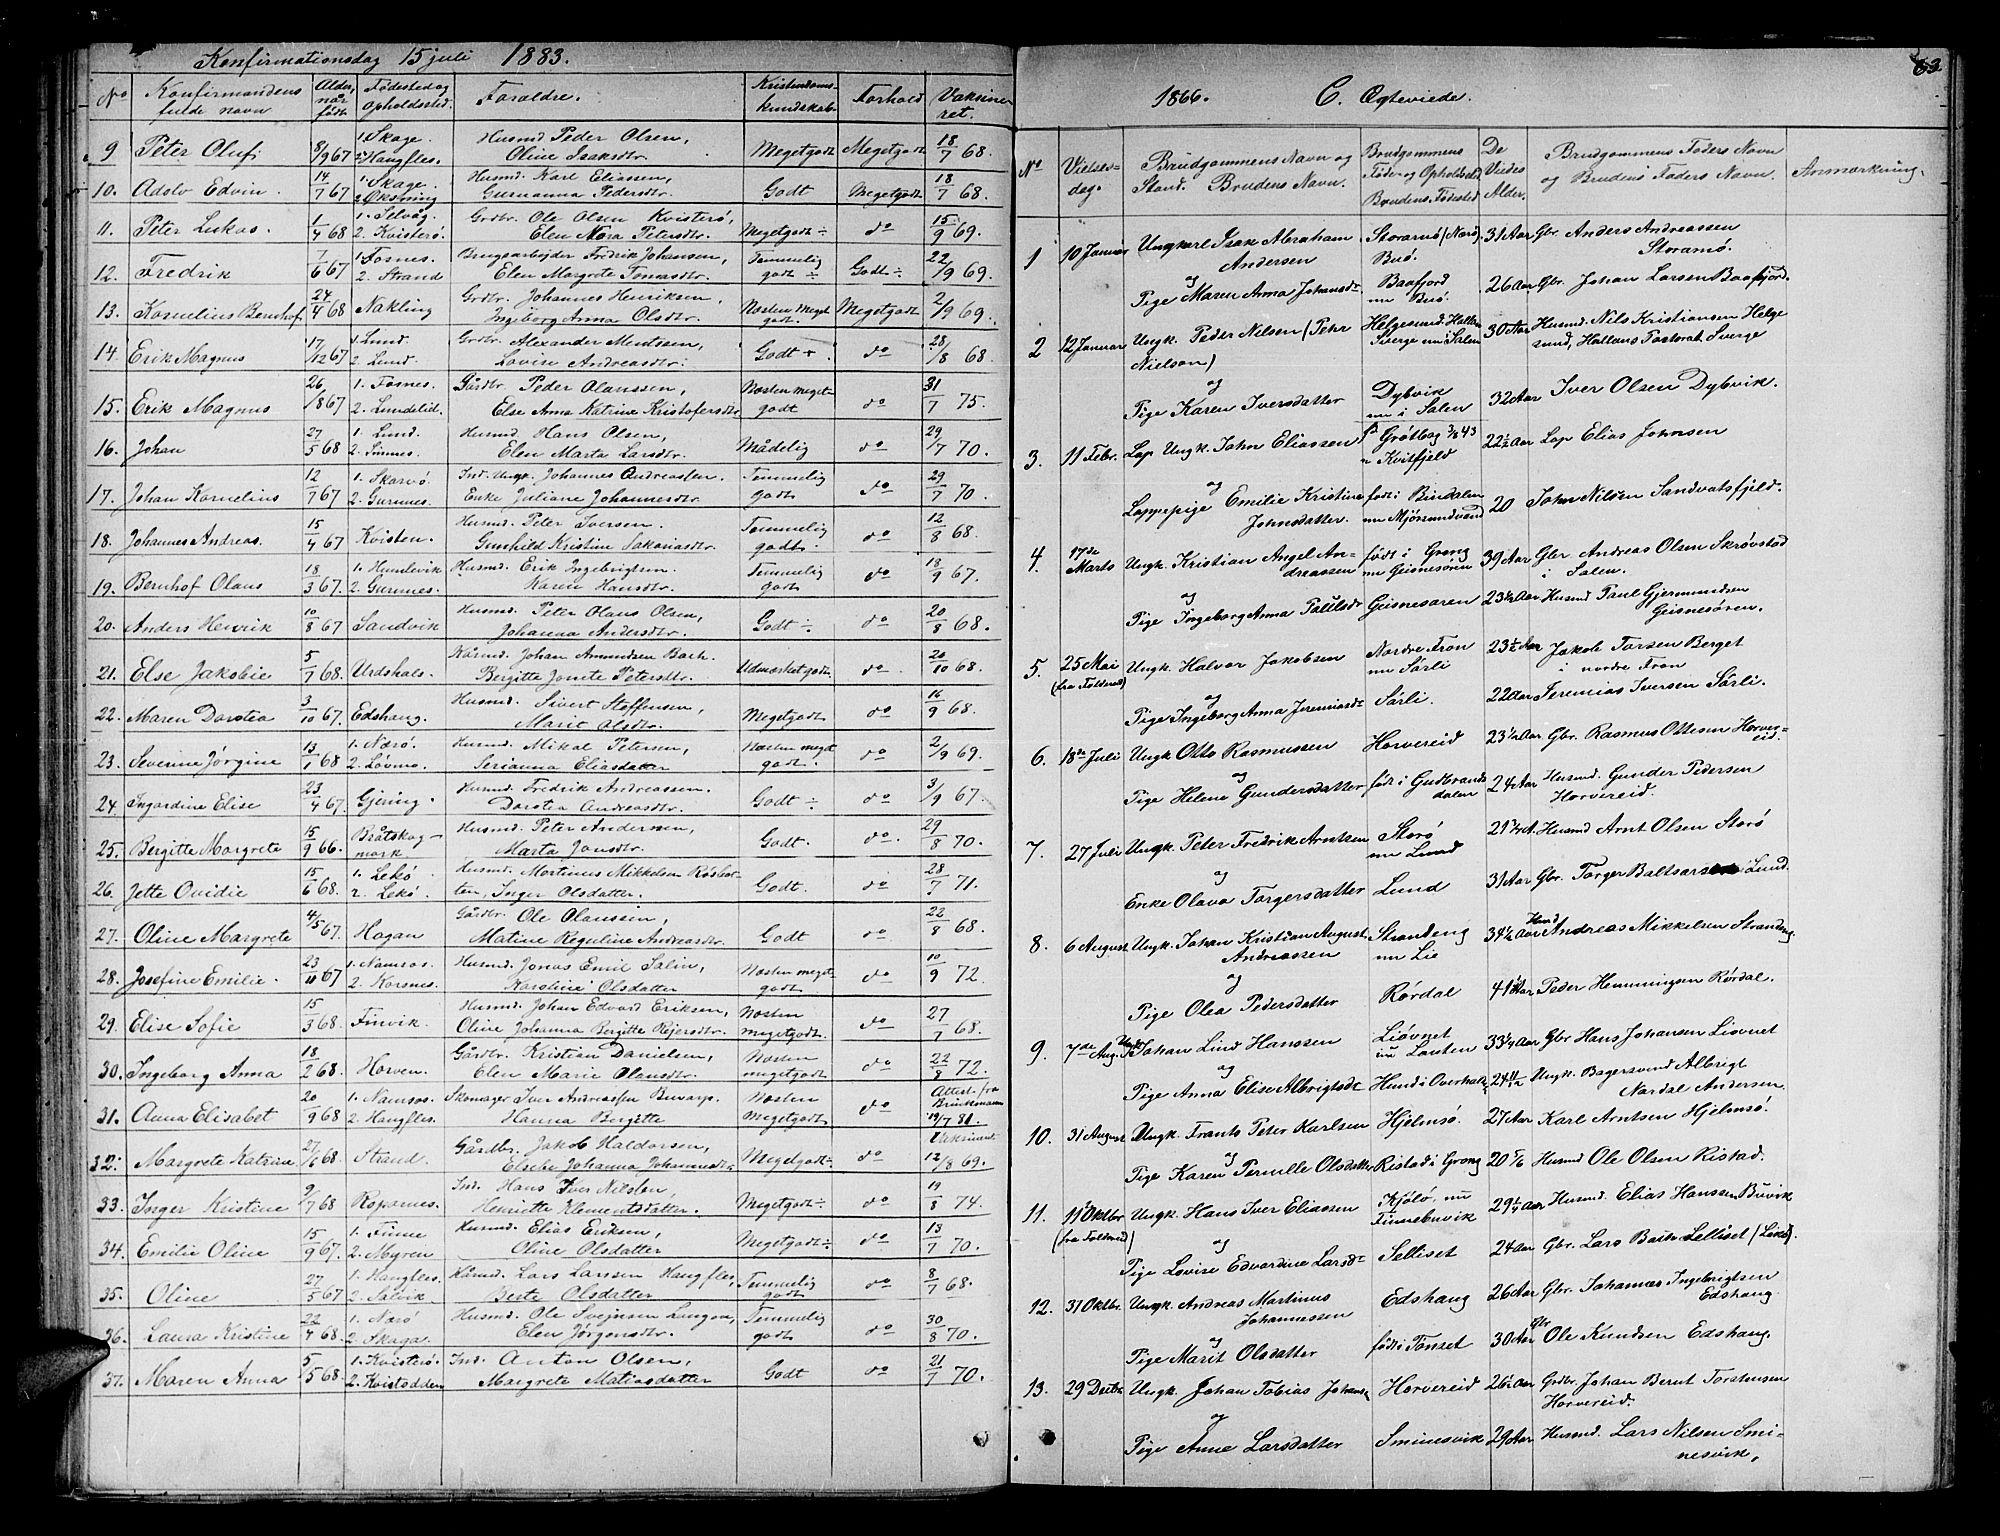 SAT, Ministerialprotokoller, klokkerbøker og fødselsregistre - Nord-Trøndelag, 780/L0650: Klokkerbok nr. 780C02, 1866-1884, s. 63